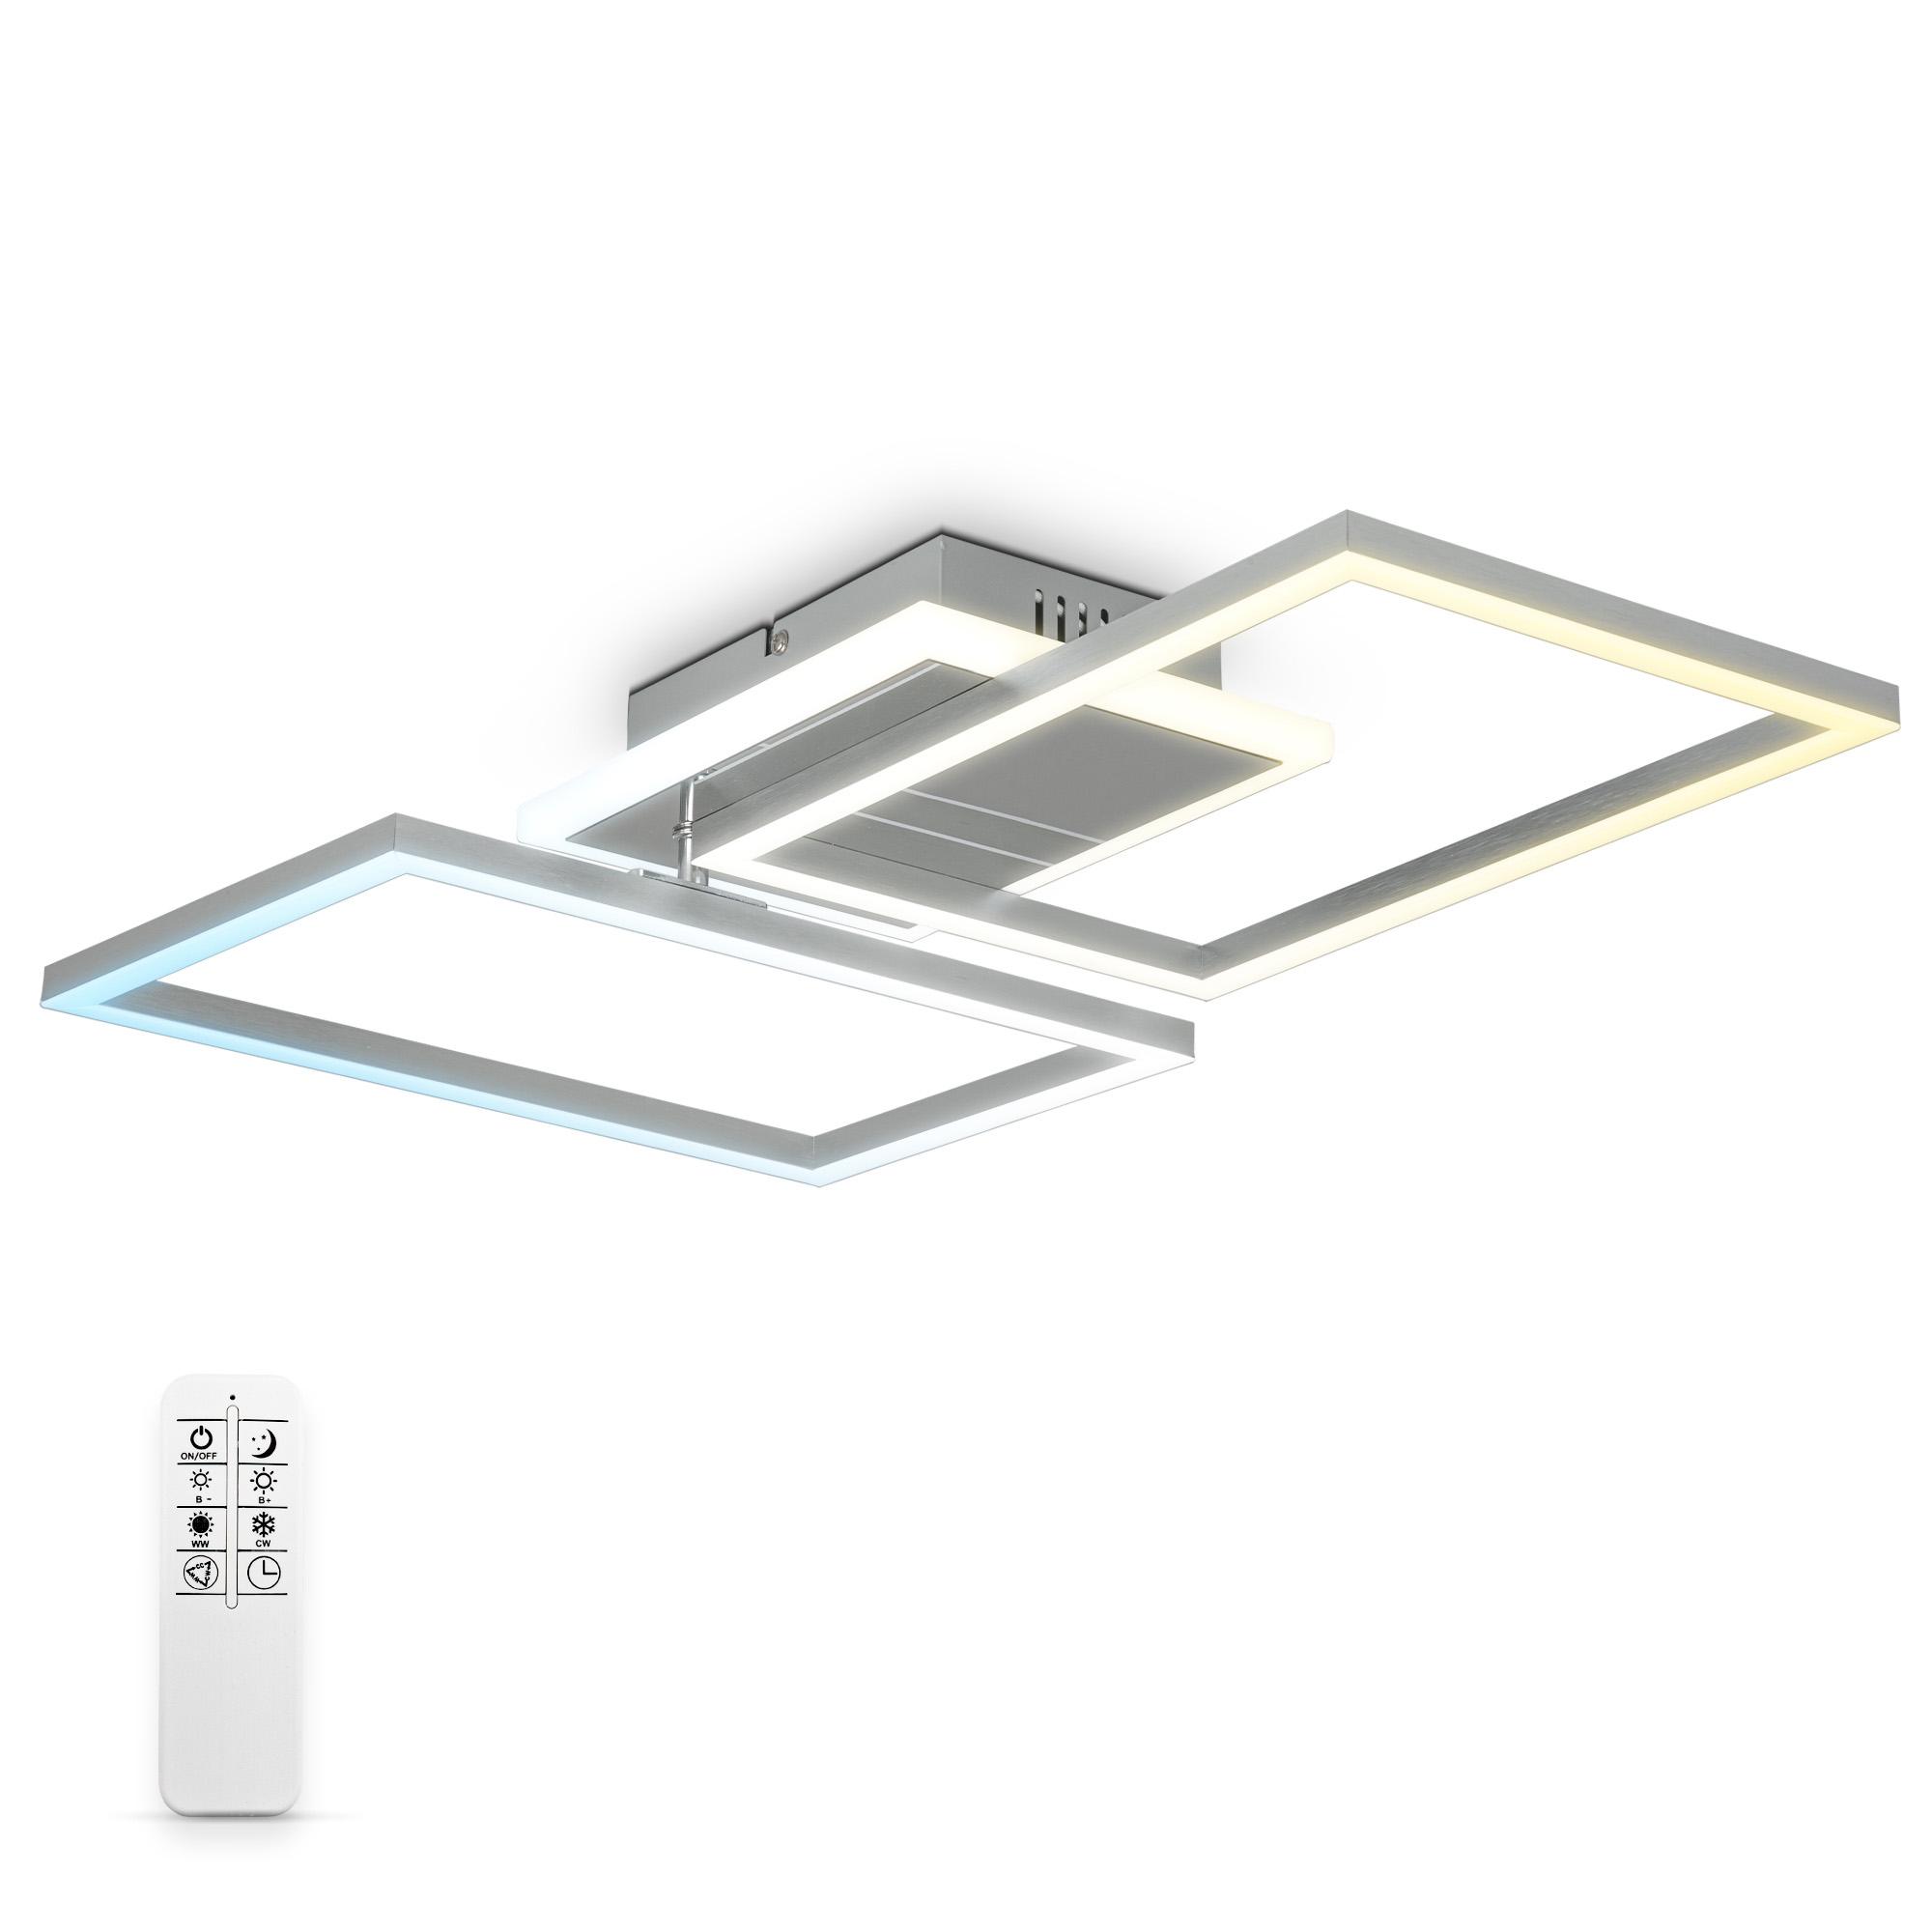 CCT LED Deckenleuchte mit Timer und Nachtlichtfunktion